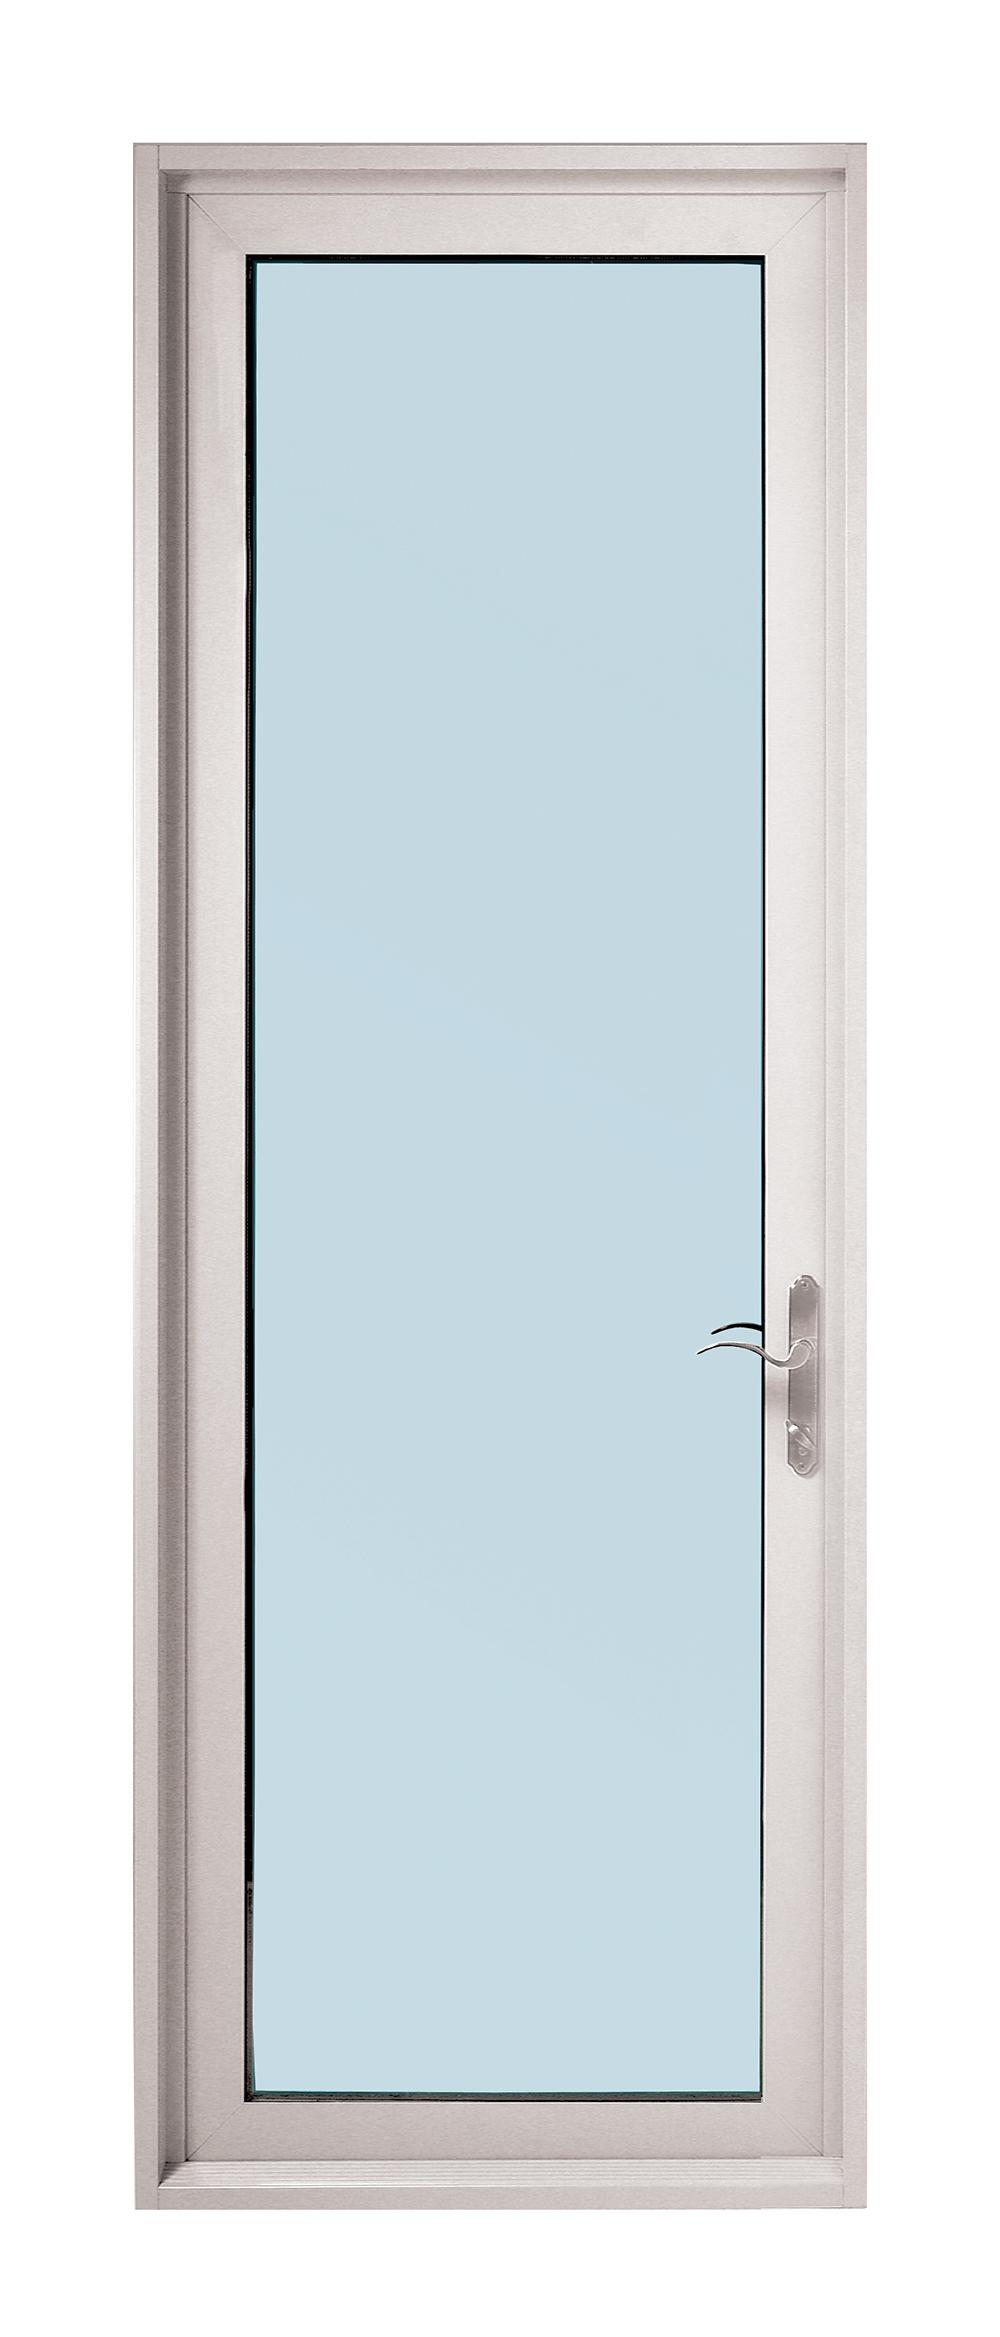 Series 900 Terrace Doors  sc 1 st  NEREJ & CRL-U.S. Aluminum updates Series 900 Terrace Door with ADA compliant ...